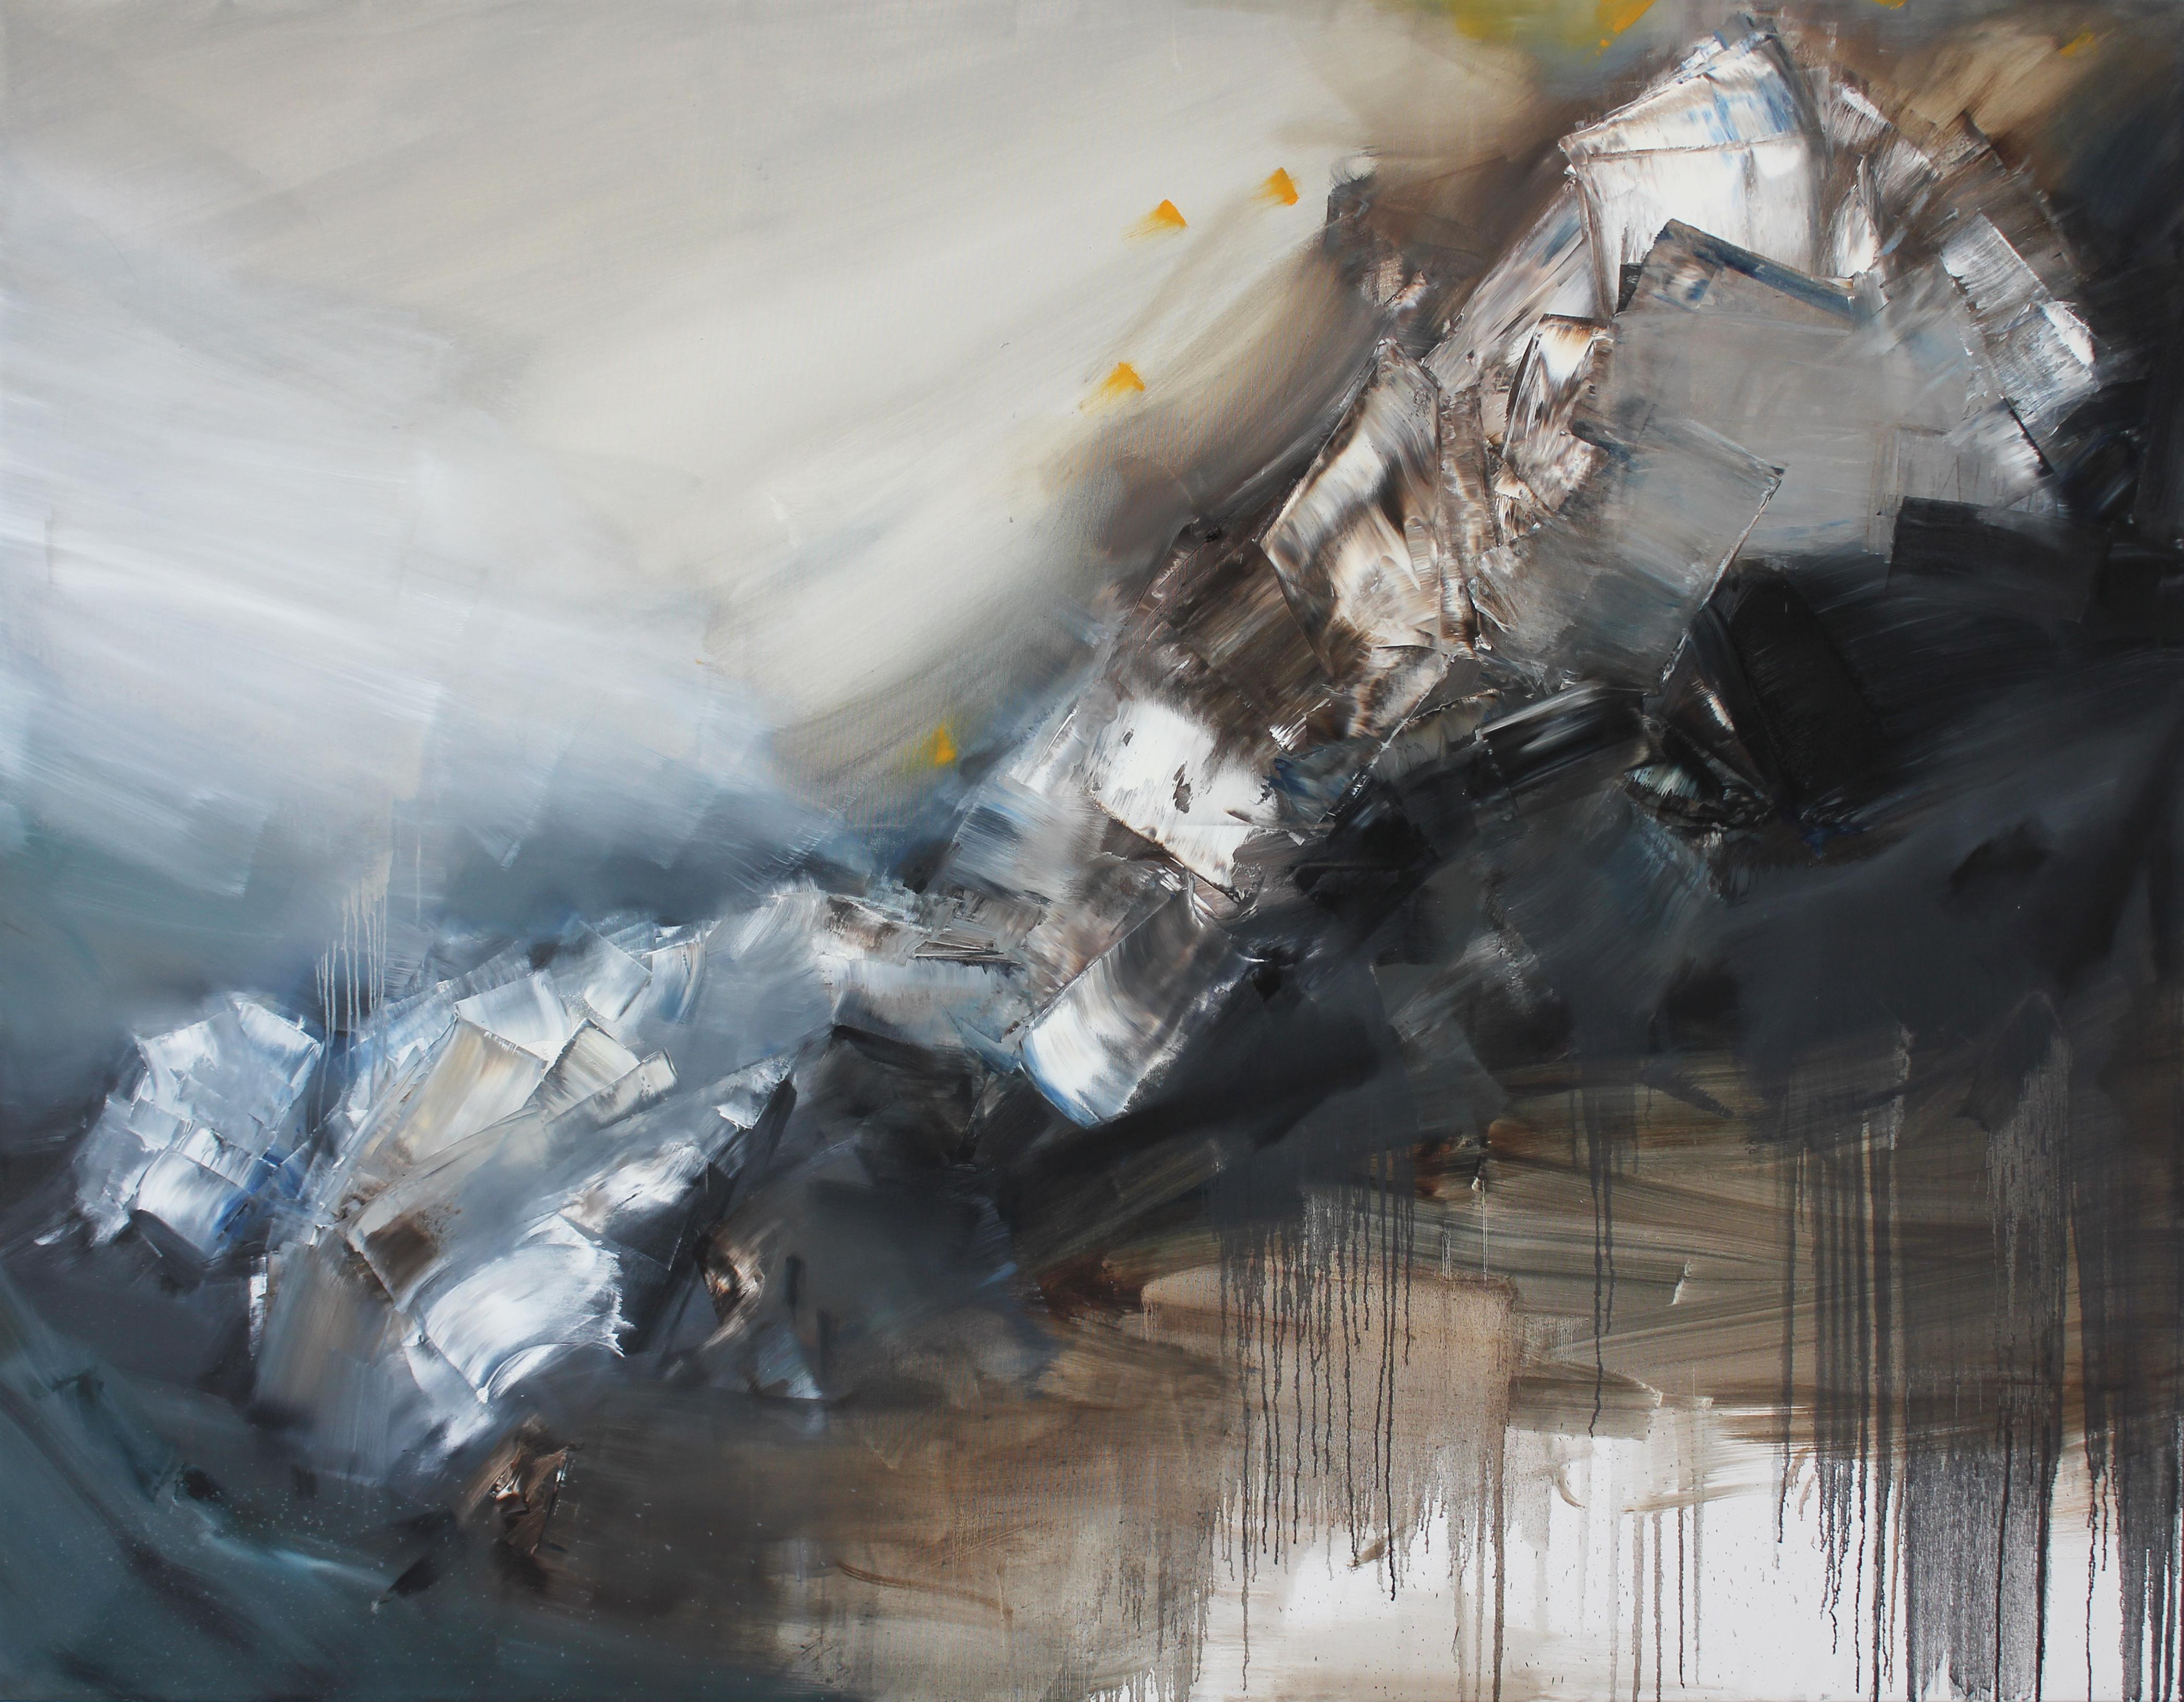 Auf der Leinwand ist abstrakt gespachtelte Ölfarbe in braunen, weißen, grauen und schwarzen Tönen zu sehen. Die Kunst von Jae Seong Ryu stammt aus dem Jahr 2015. Artist: Jae Seong Ryu. Title: Ölfarbe. Material: Oil on Canvas. Size: 170 x 220 cm. Year: 2015